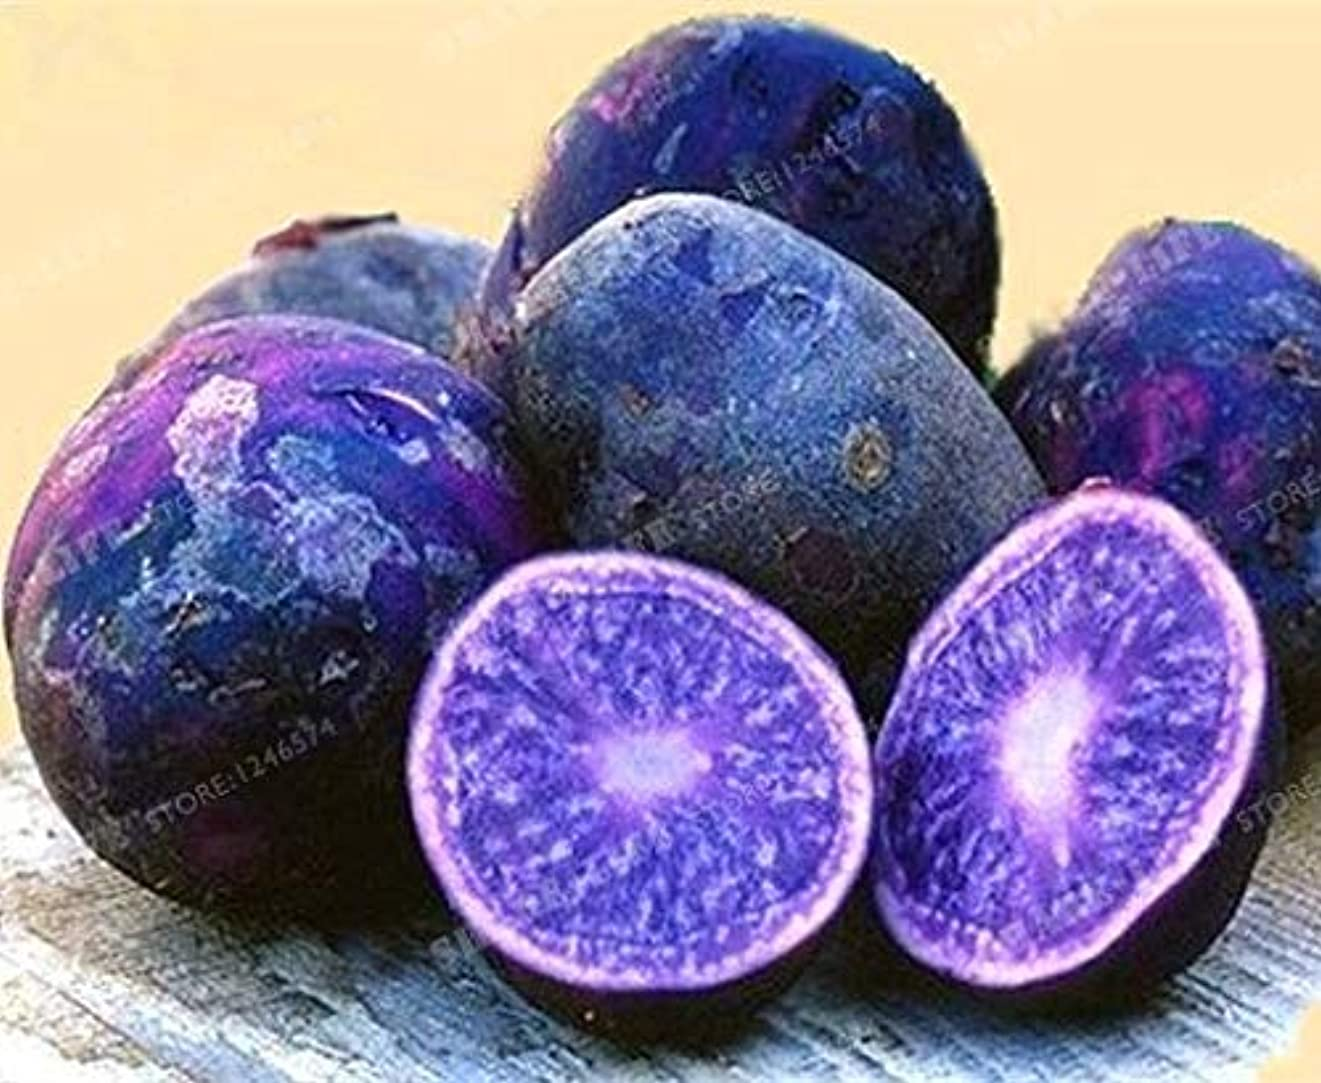 チョップベット地球100pcs ポテト盆栽レア中国高栄養パープルポテト果物や野菜の盆栽のホームジャルダンプランター